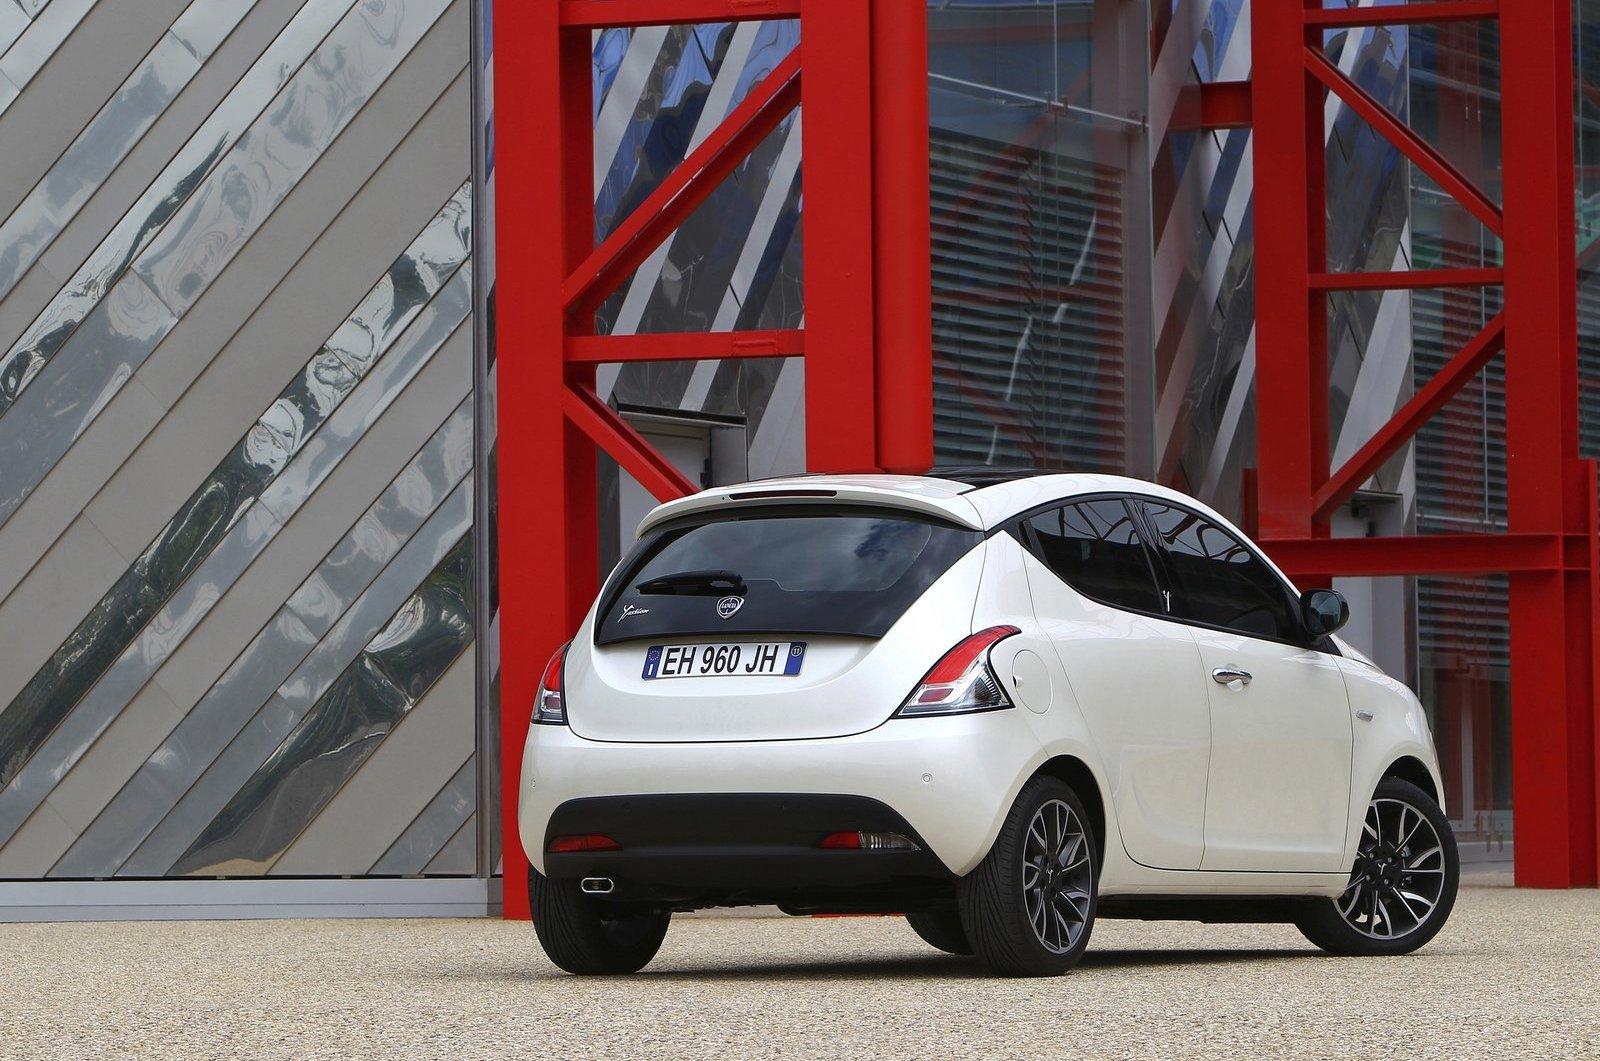 Хетчбек_Lancia_Ypsilon_2012